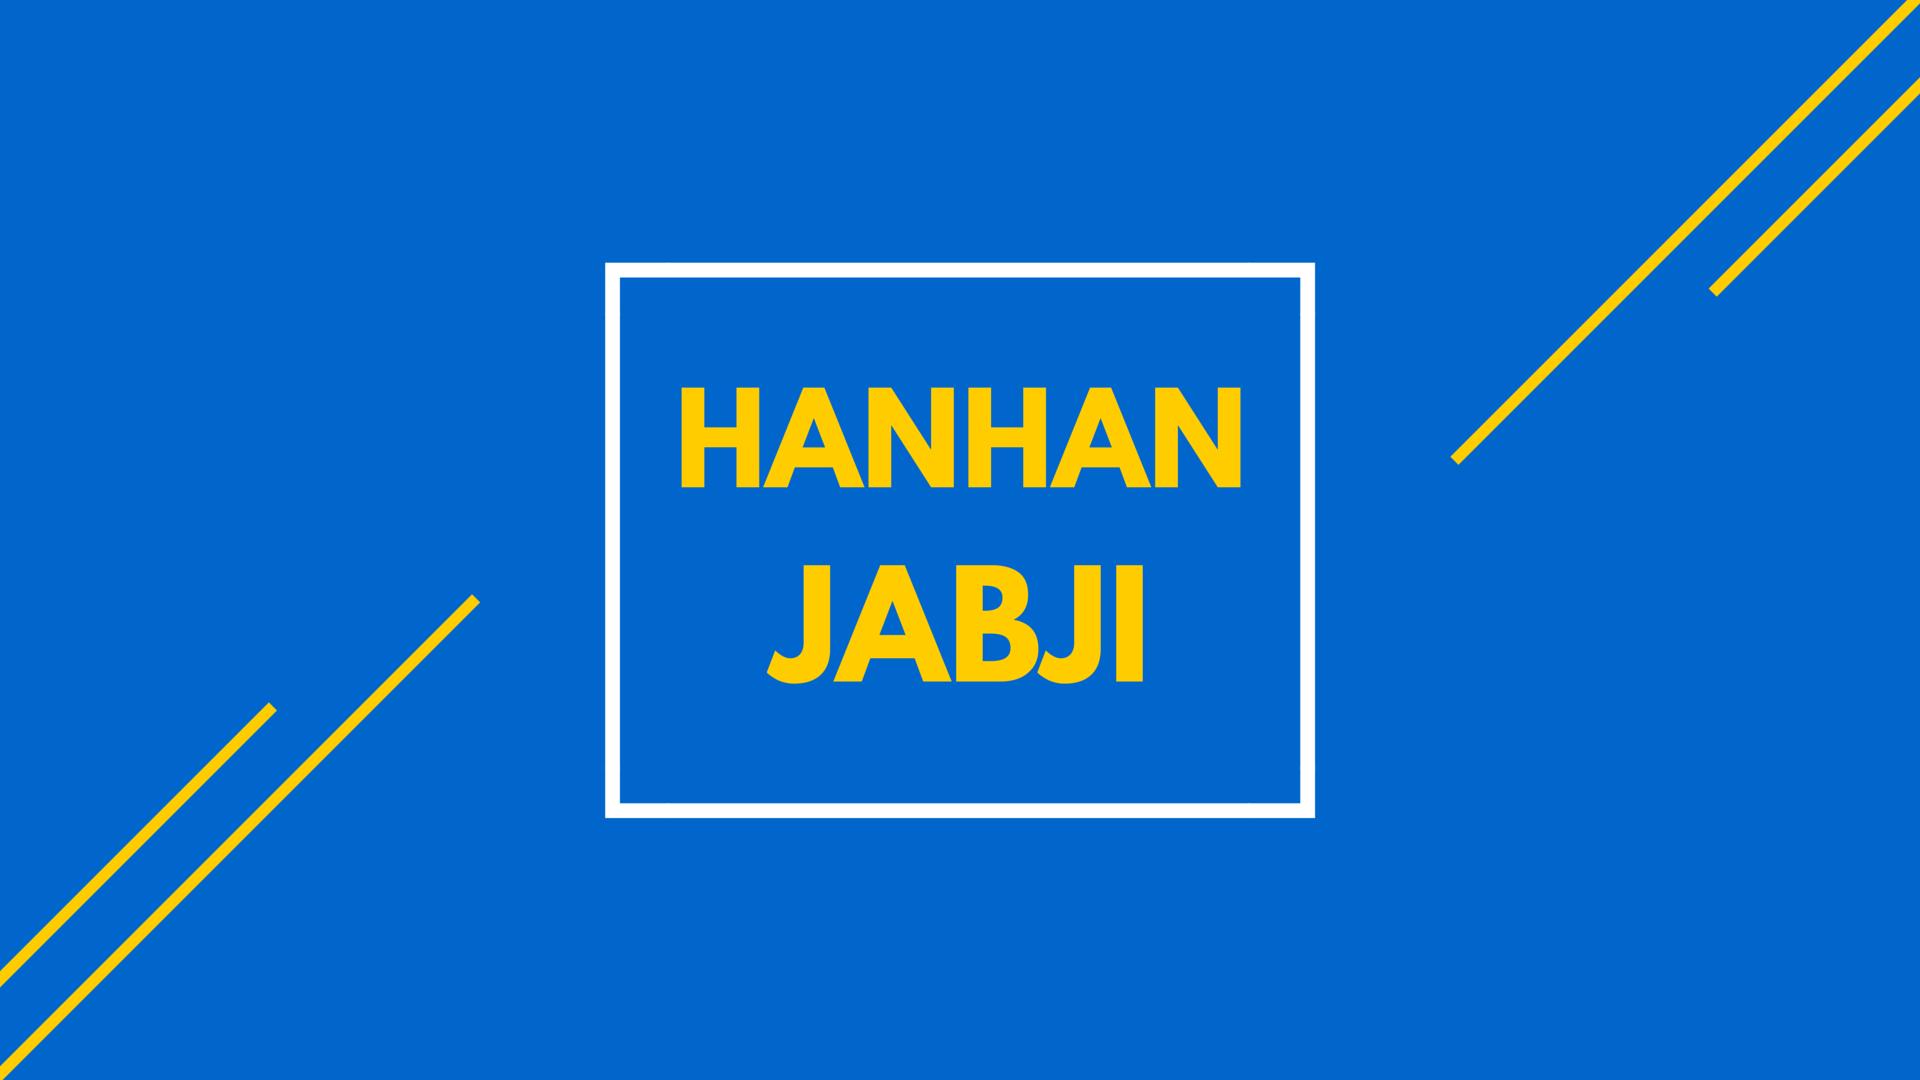 Hanhan Jabji - Passion turned Magazine